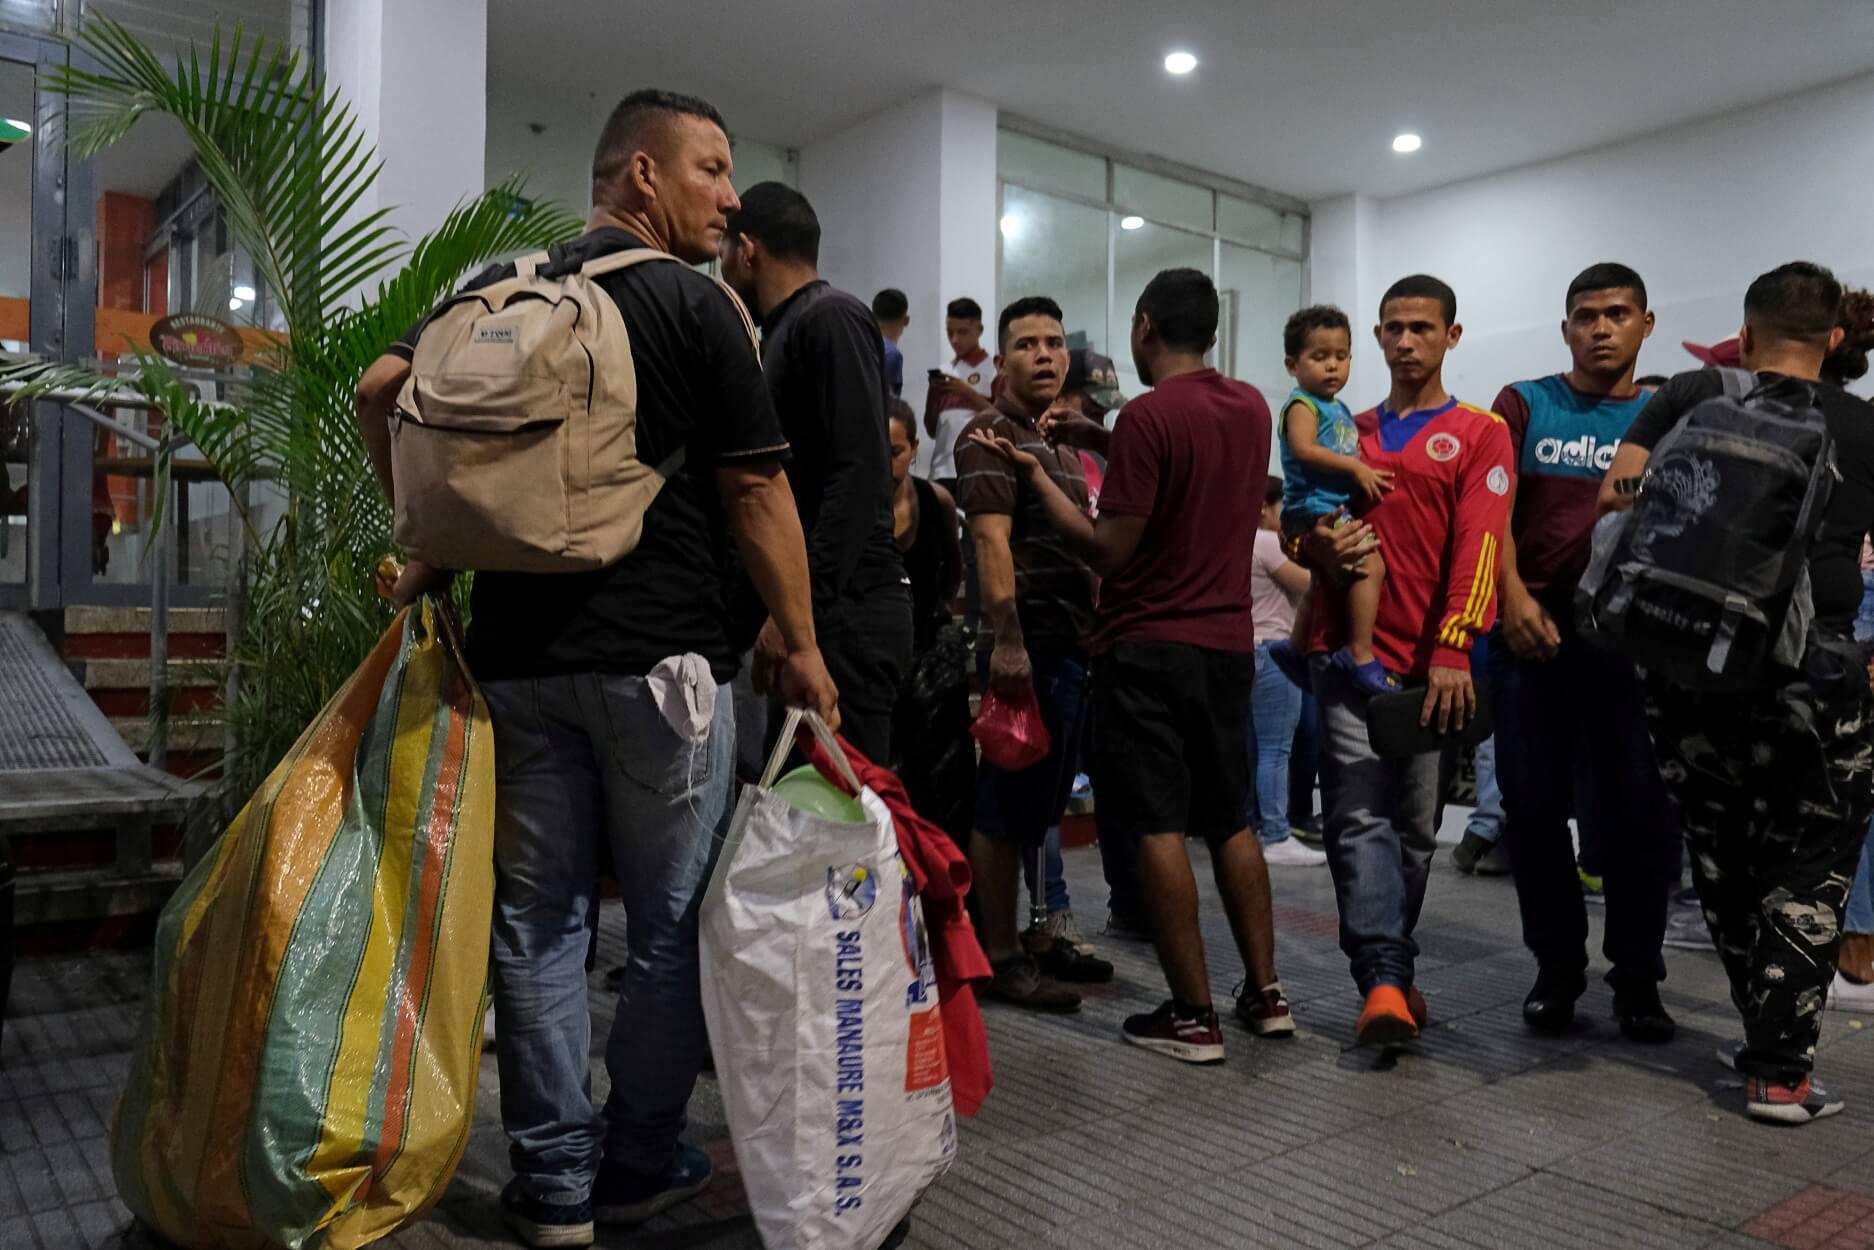 Βενεζουέλα – η μεγάλη φυγή: Τέσσερα εκατομμύρια άνθρωποι εγκατέλειψαν τη χώρα!